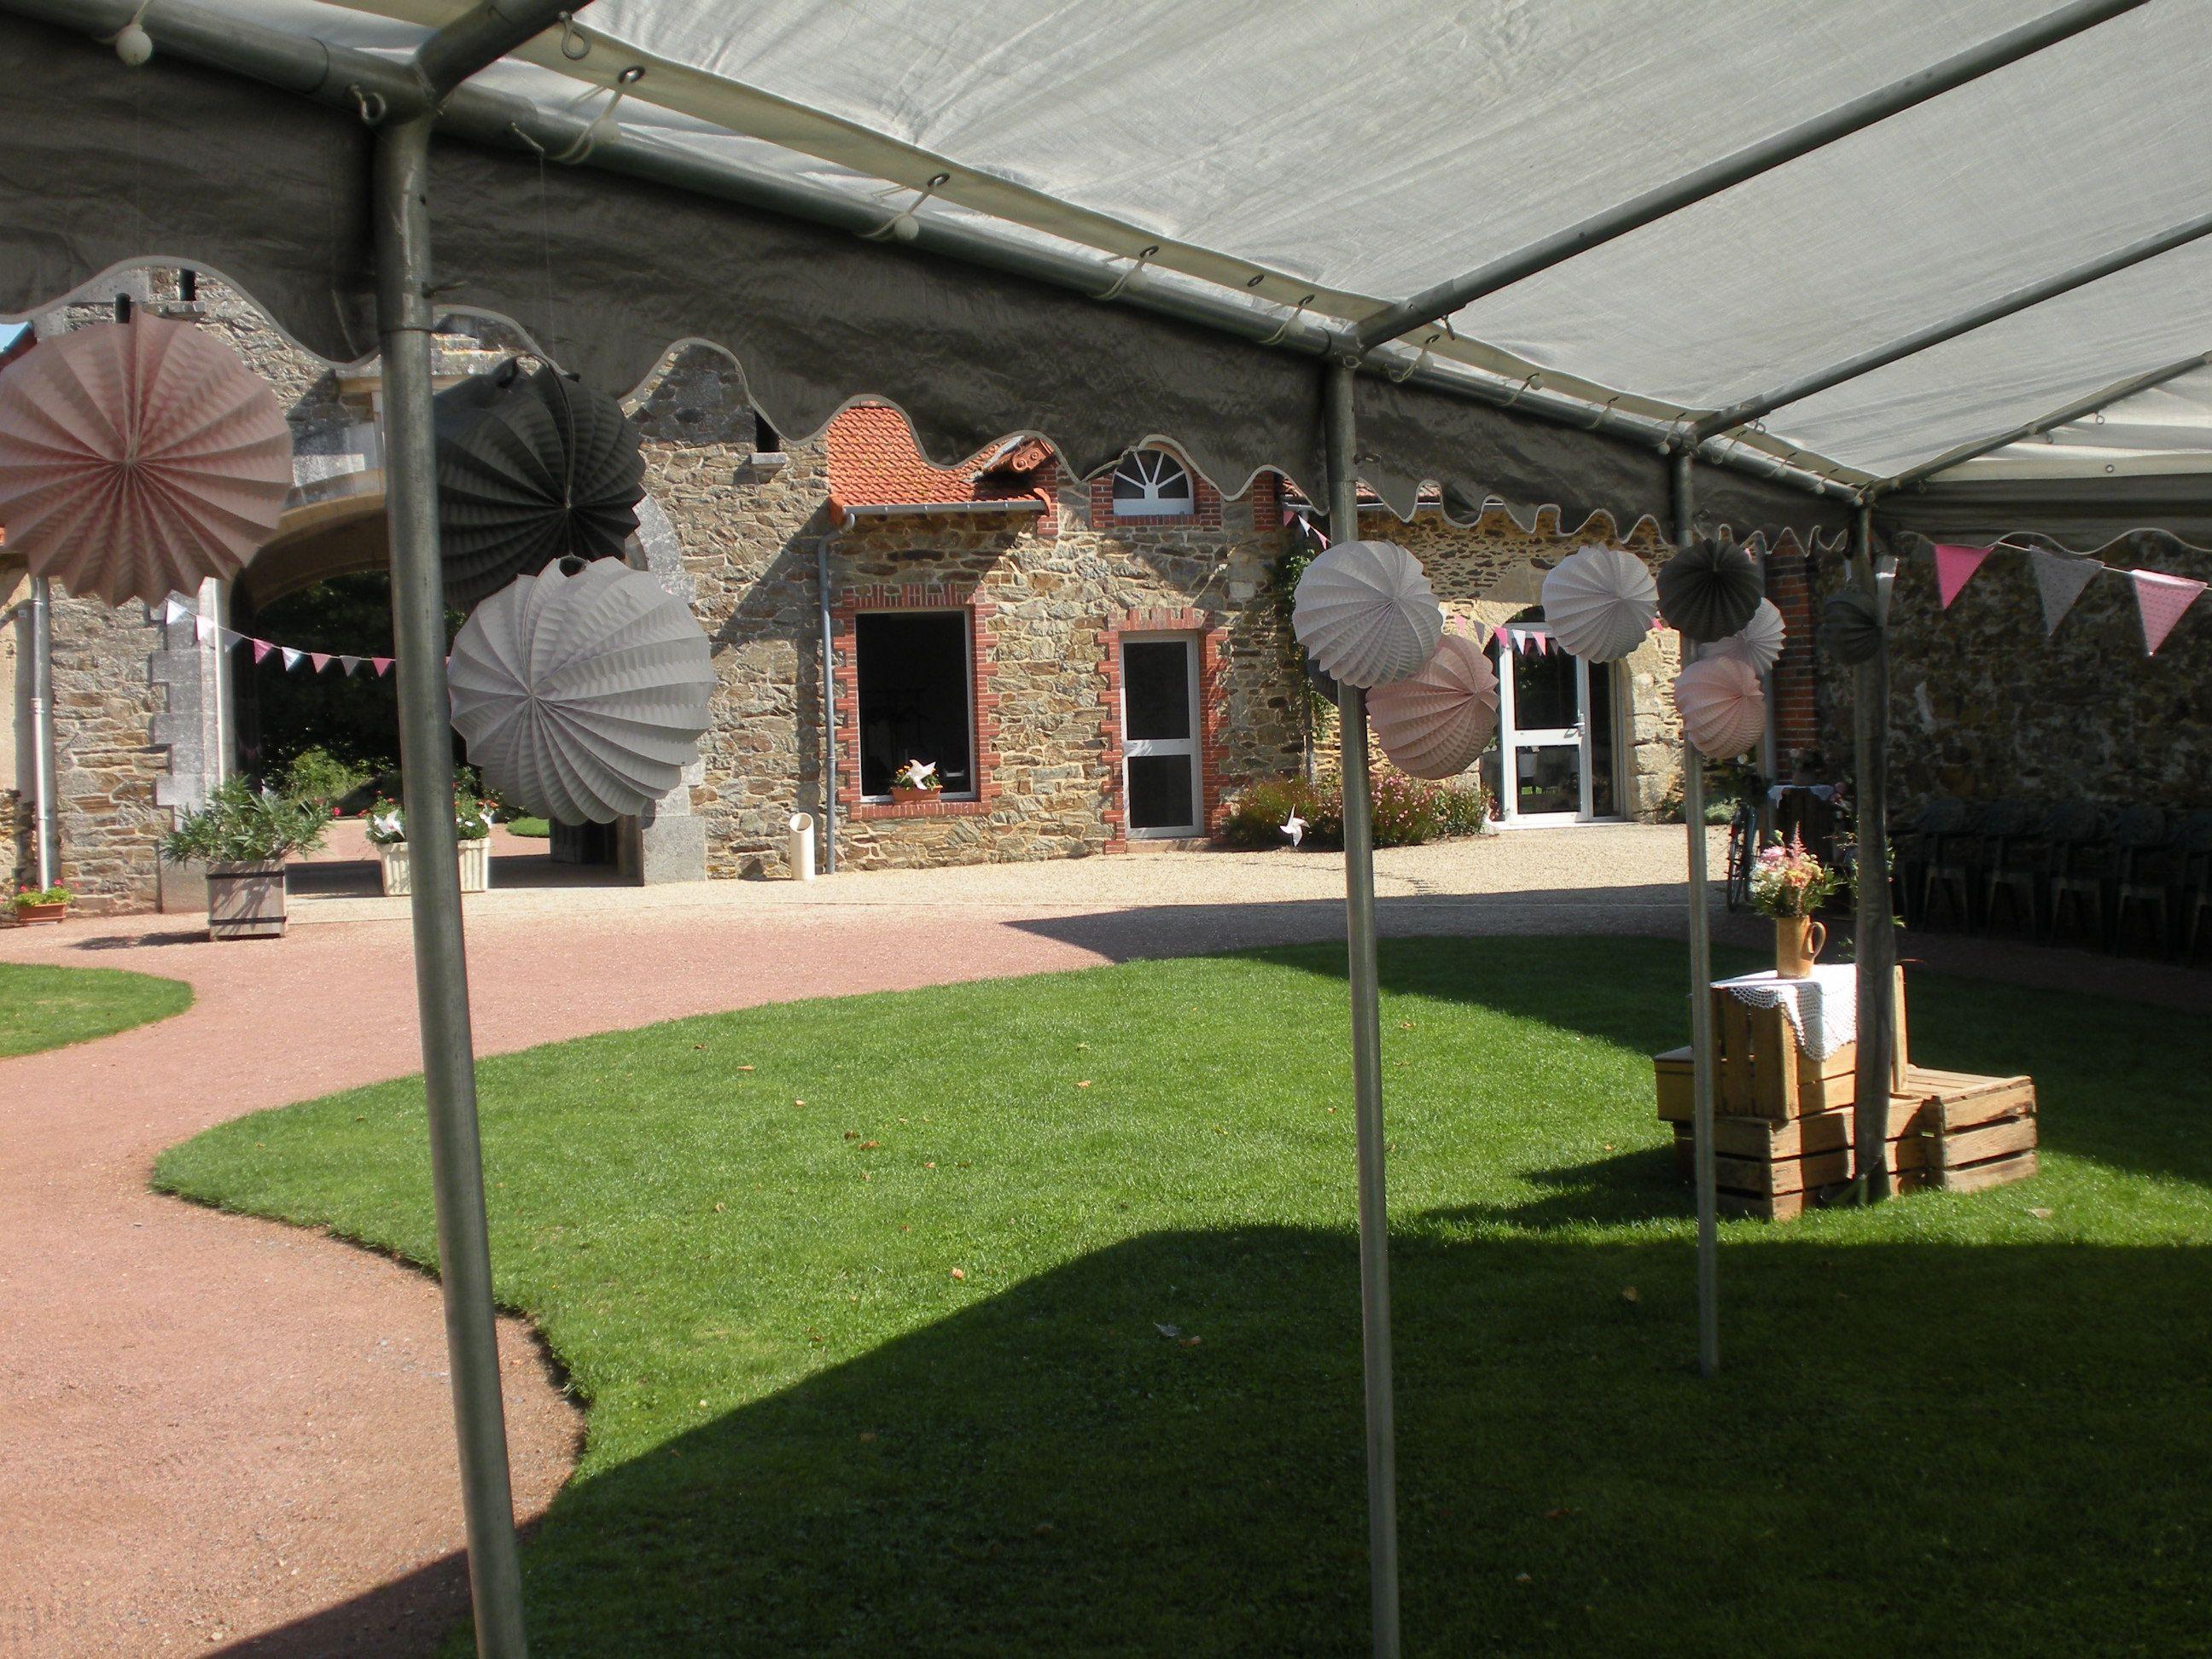 Décoration tonnelle avec boules papier de chez Skylantern. Ton gris, rose et blanc